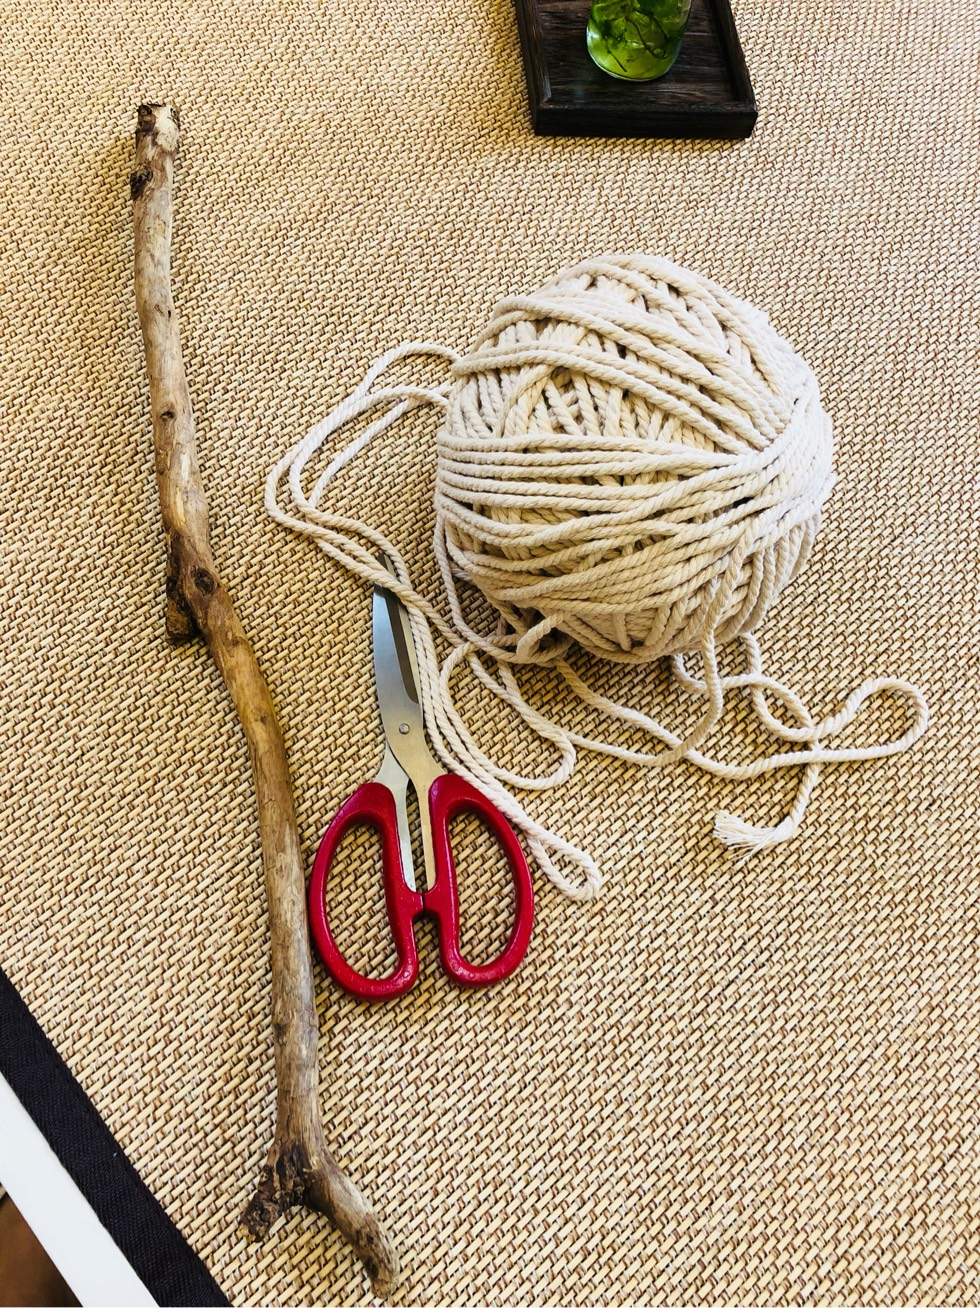 中国结论坛 棉线挂饰 挂饰,一根绳子编法大全简单,用绳子编钥匙扣怎么编,棉线壁挂编织的图片,用大力马线做棉线结 图文教程区 235009swxu9cc7xv0kkf7f